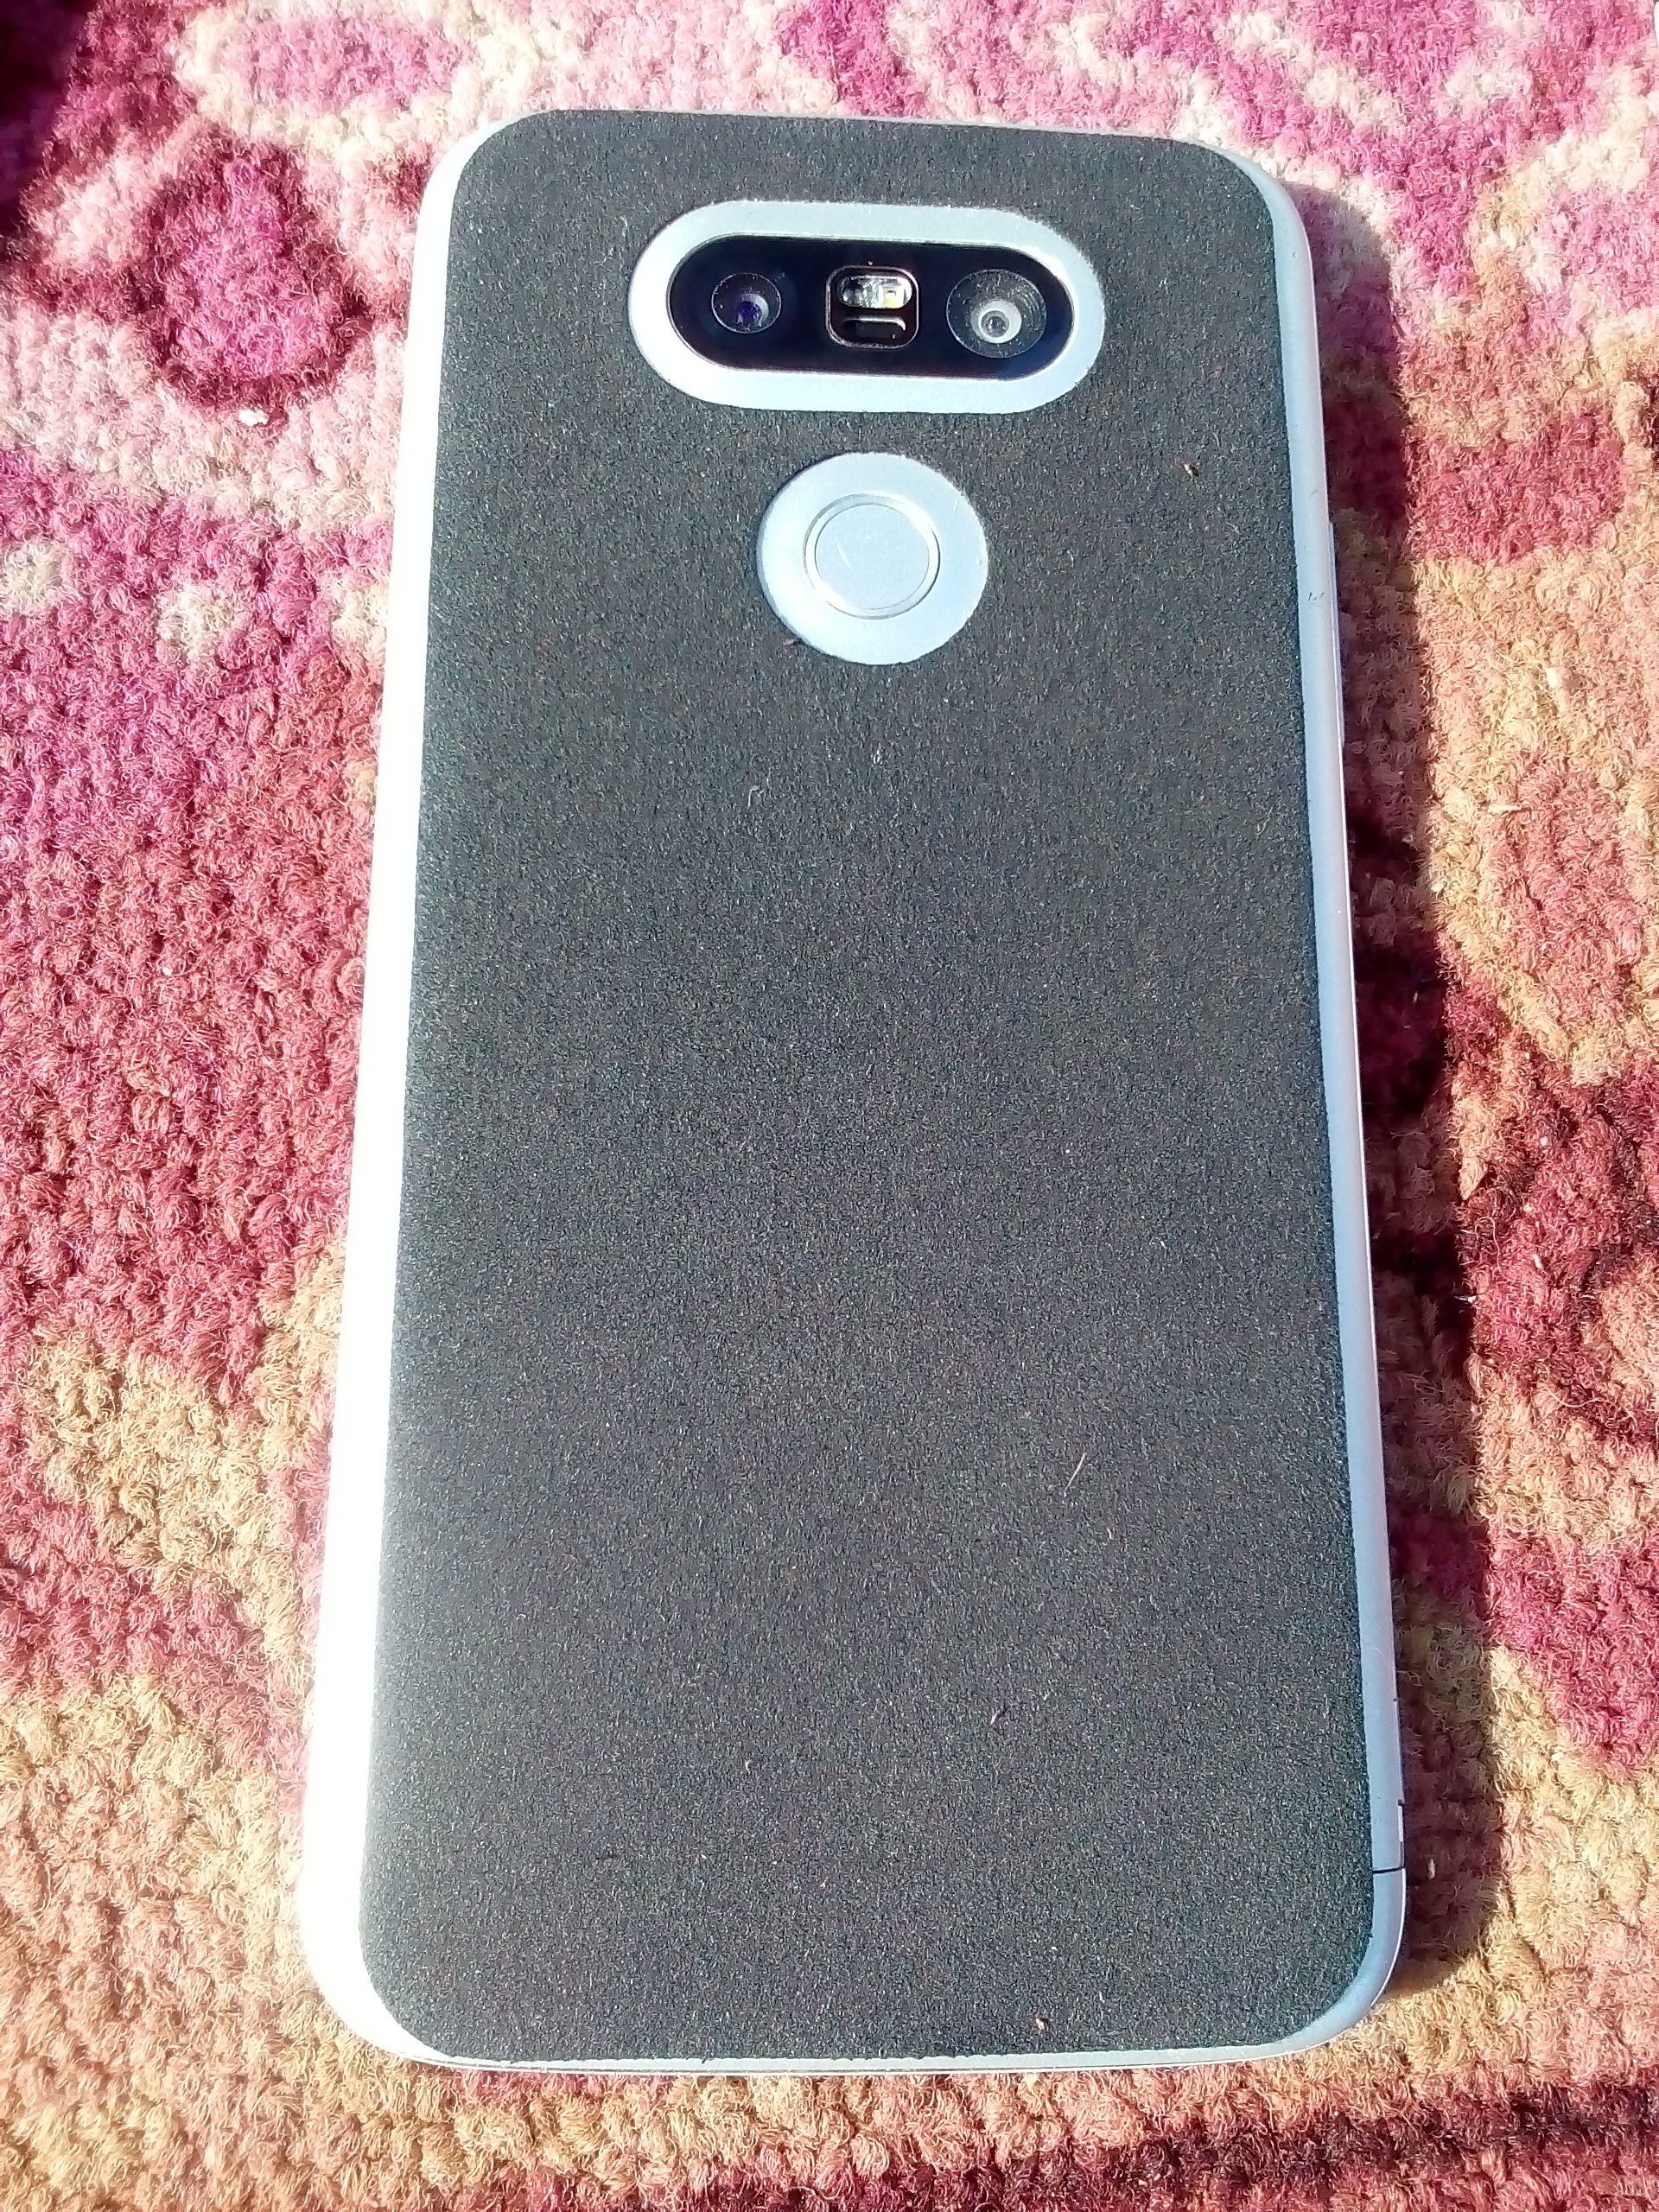 ايفون اكس اس XS مستعمل خفيف جدا ب 2000 درهم كاش-  ال جي 5 مستعمل بحاله...